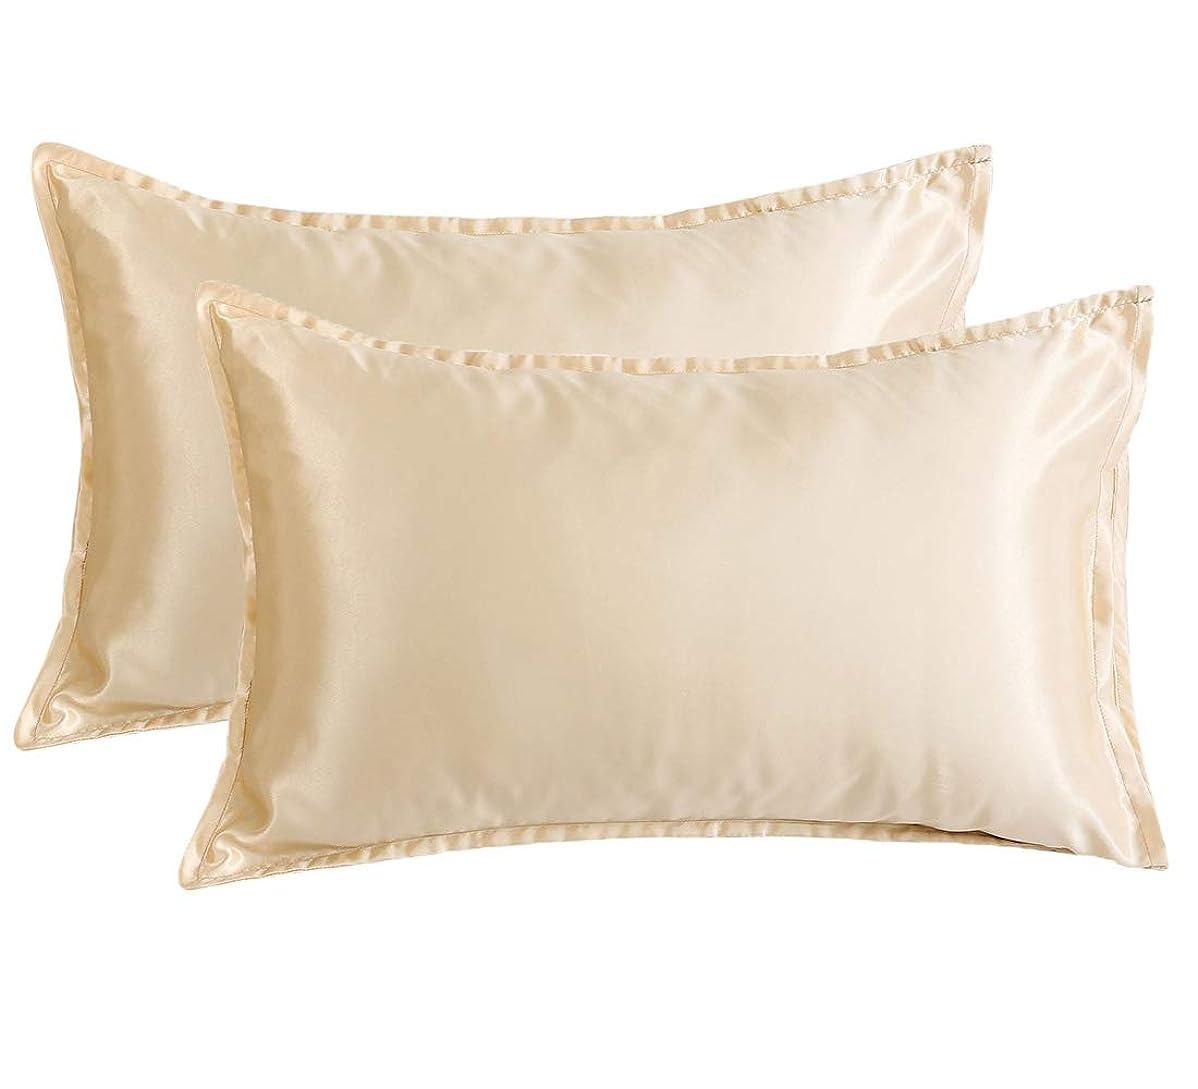 睡眠苦味記念碑LanJia サテン枕カバー スーパーソフト シルキーサテン ボディピローケース - 封筒式開閉 Standard/Queen Size ブラウン